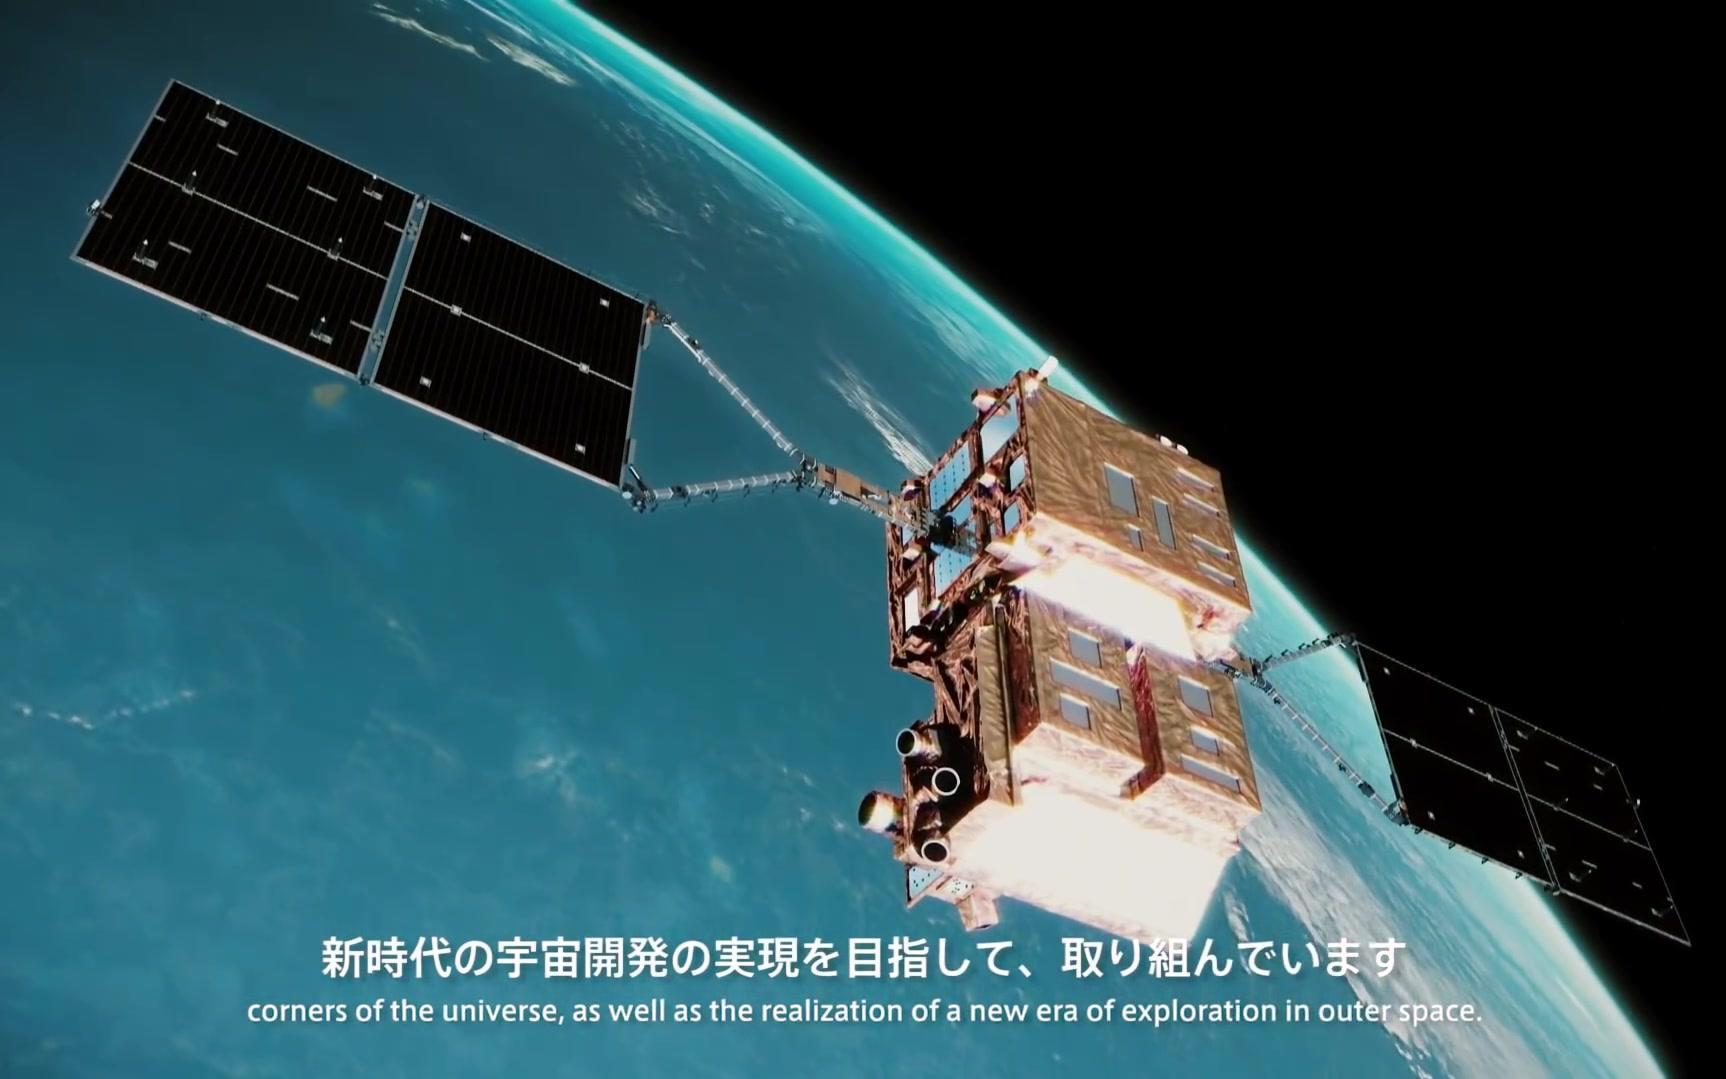 日本宇宙开发机构JAXA宣传片2018版